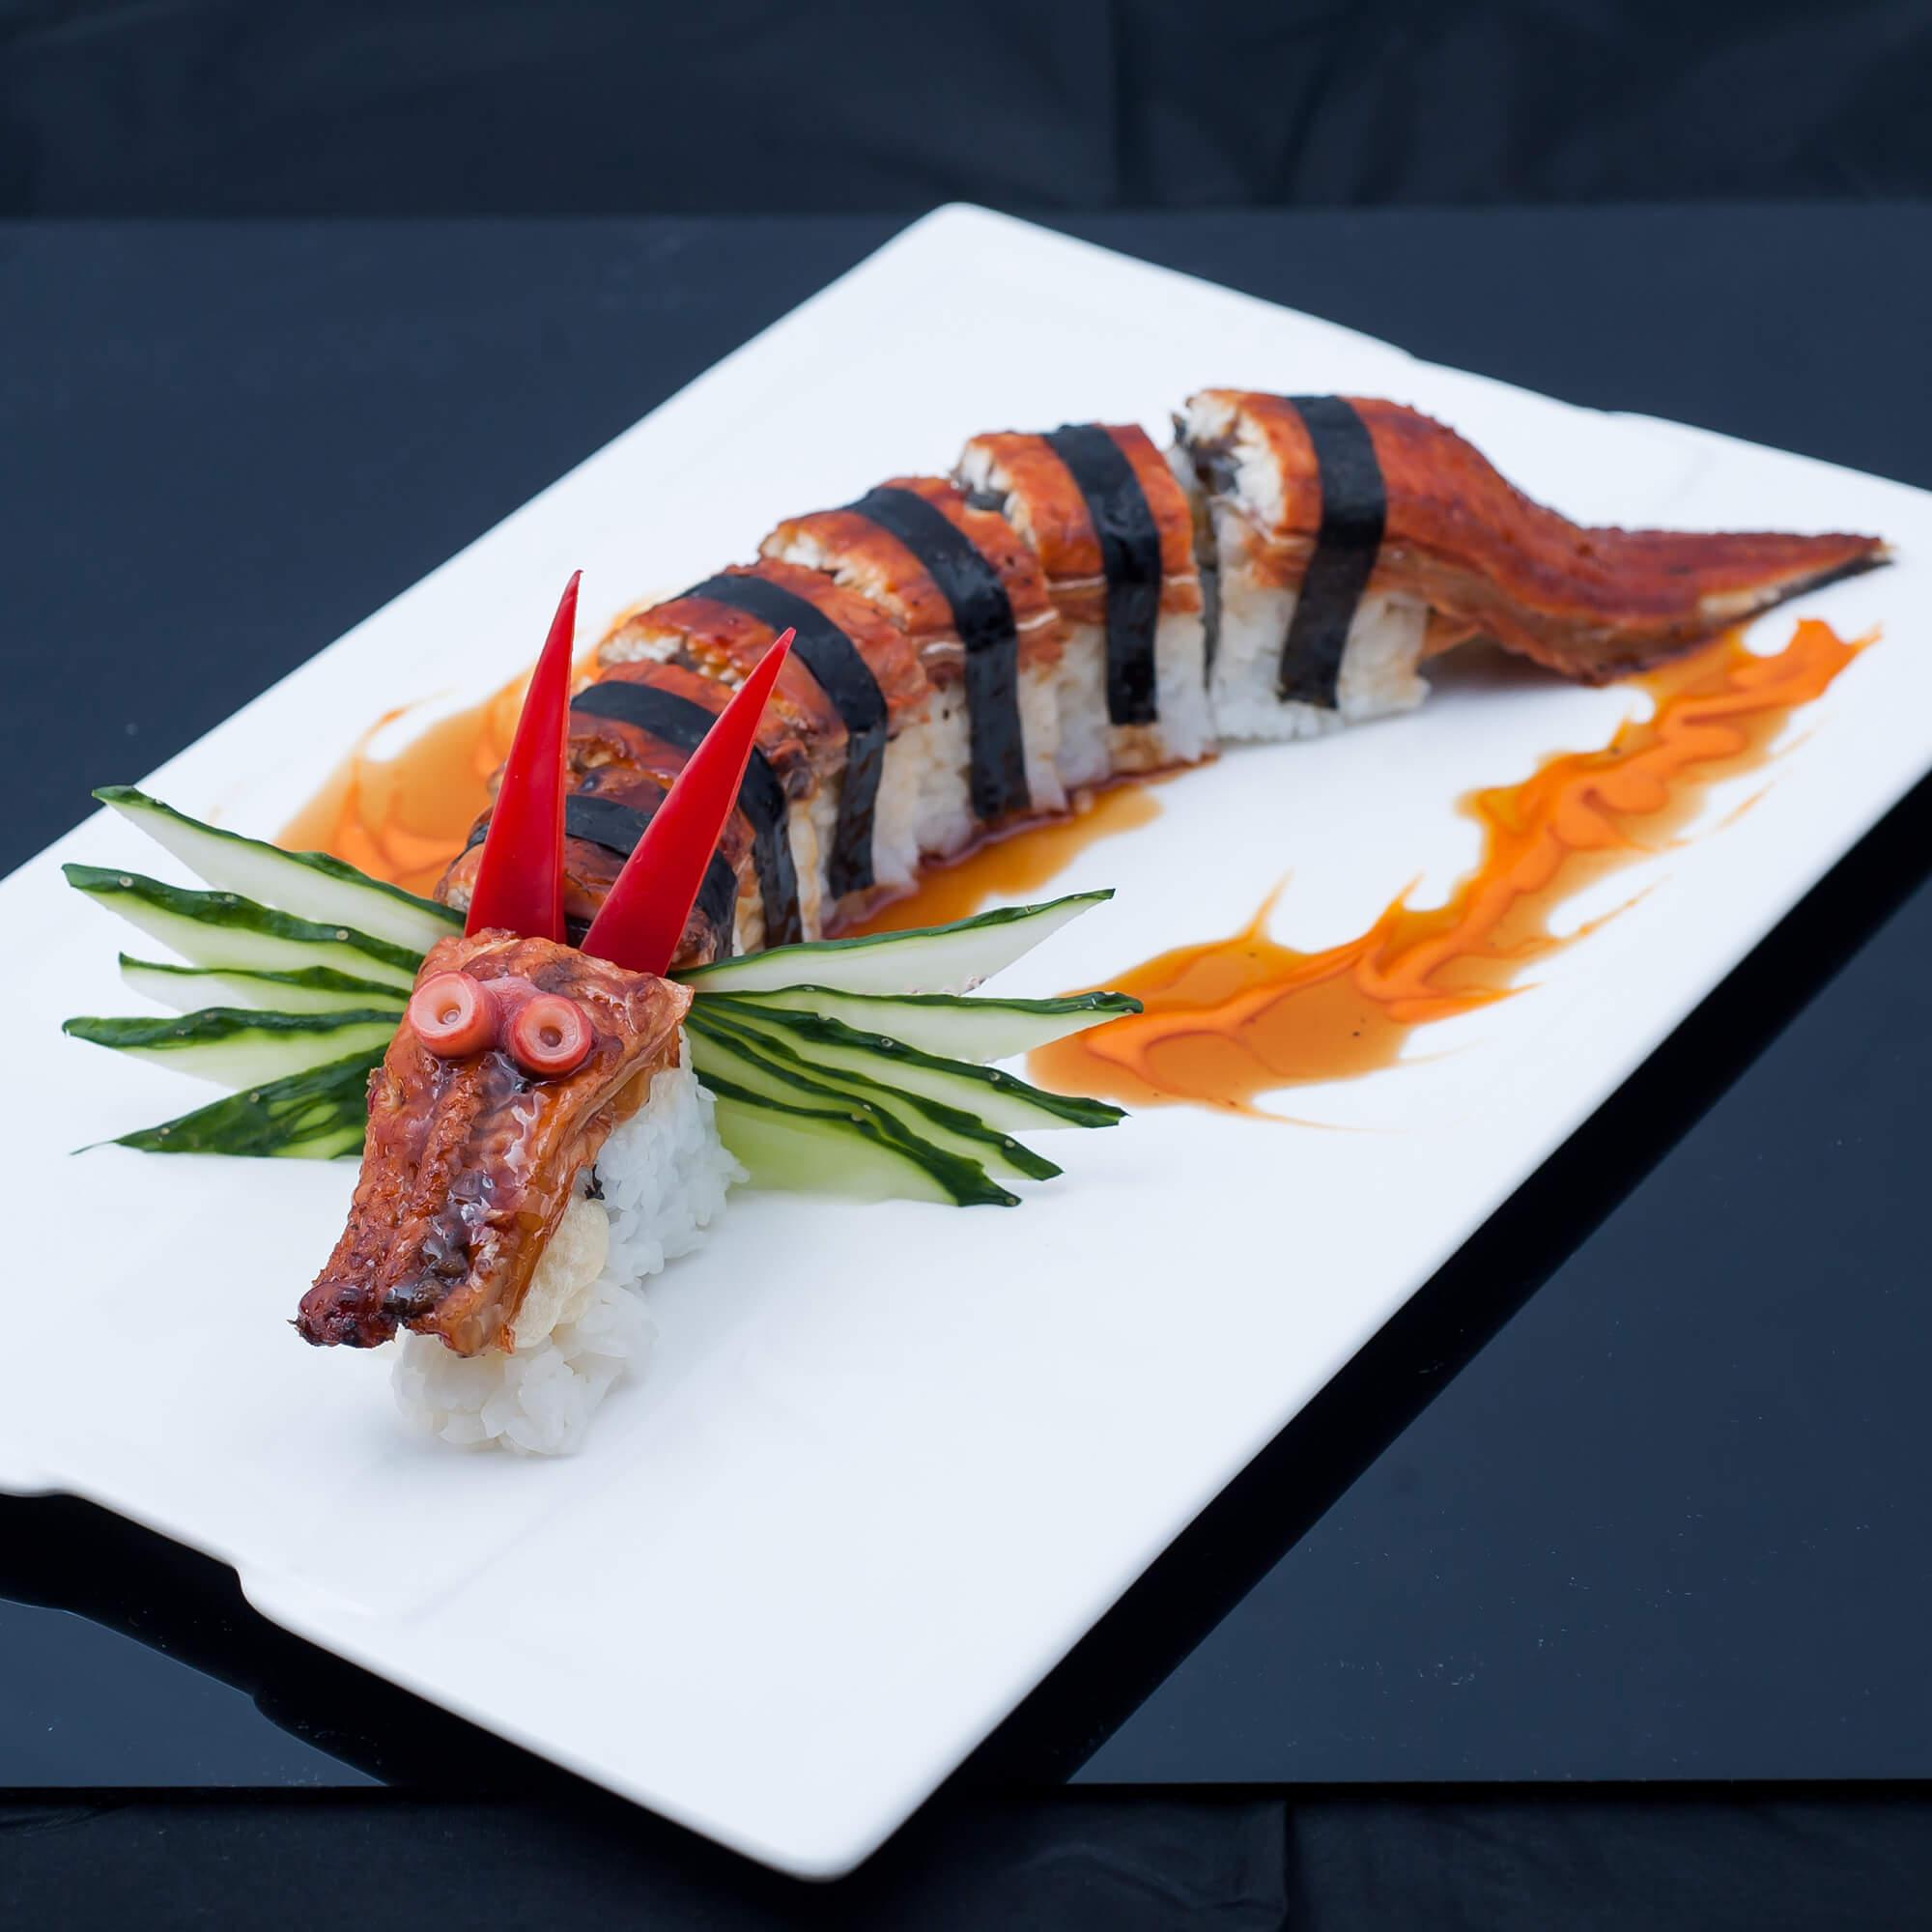 変り種の寿司ロール、ドラゴンロール